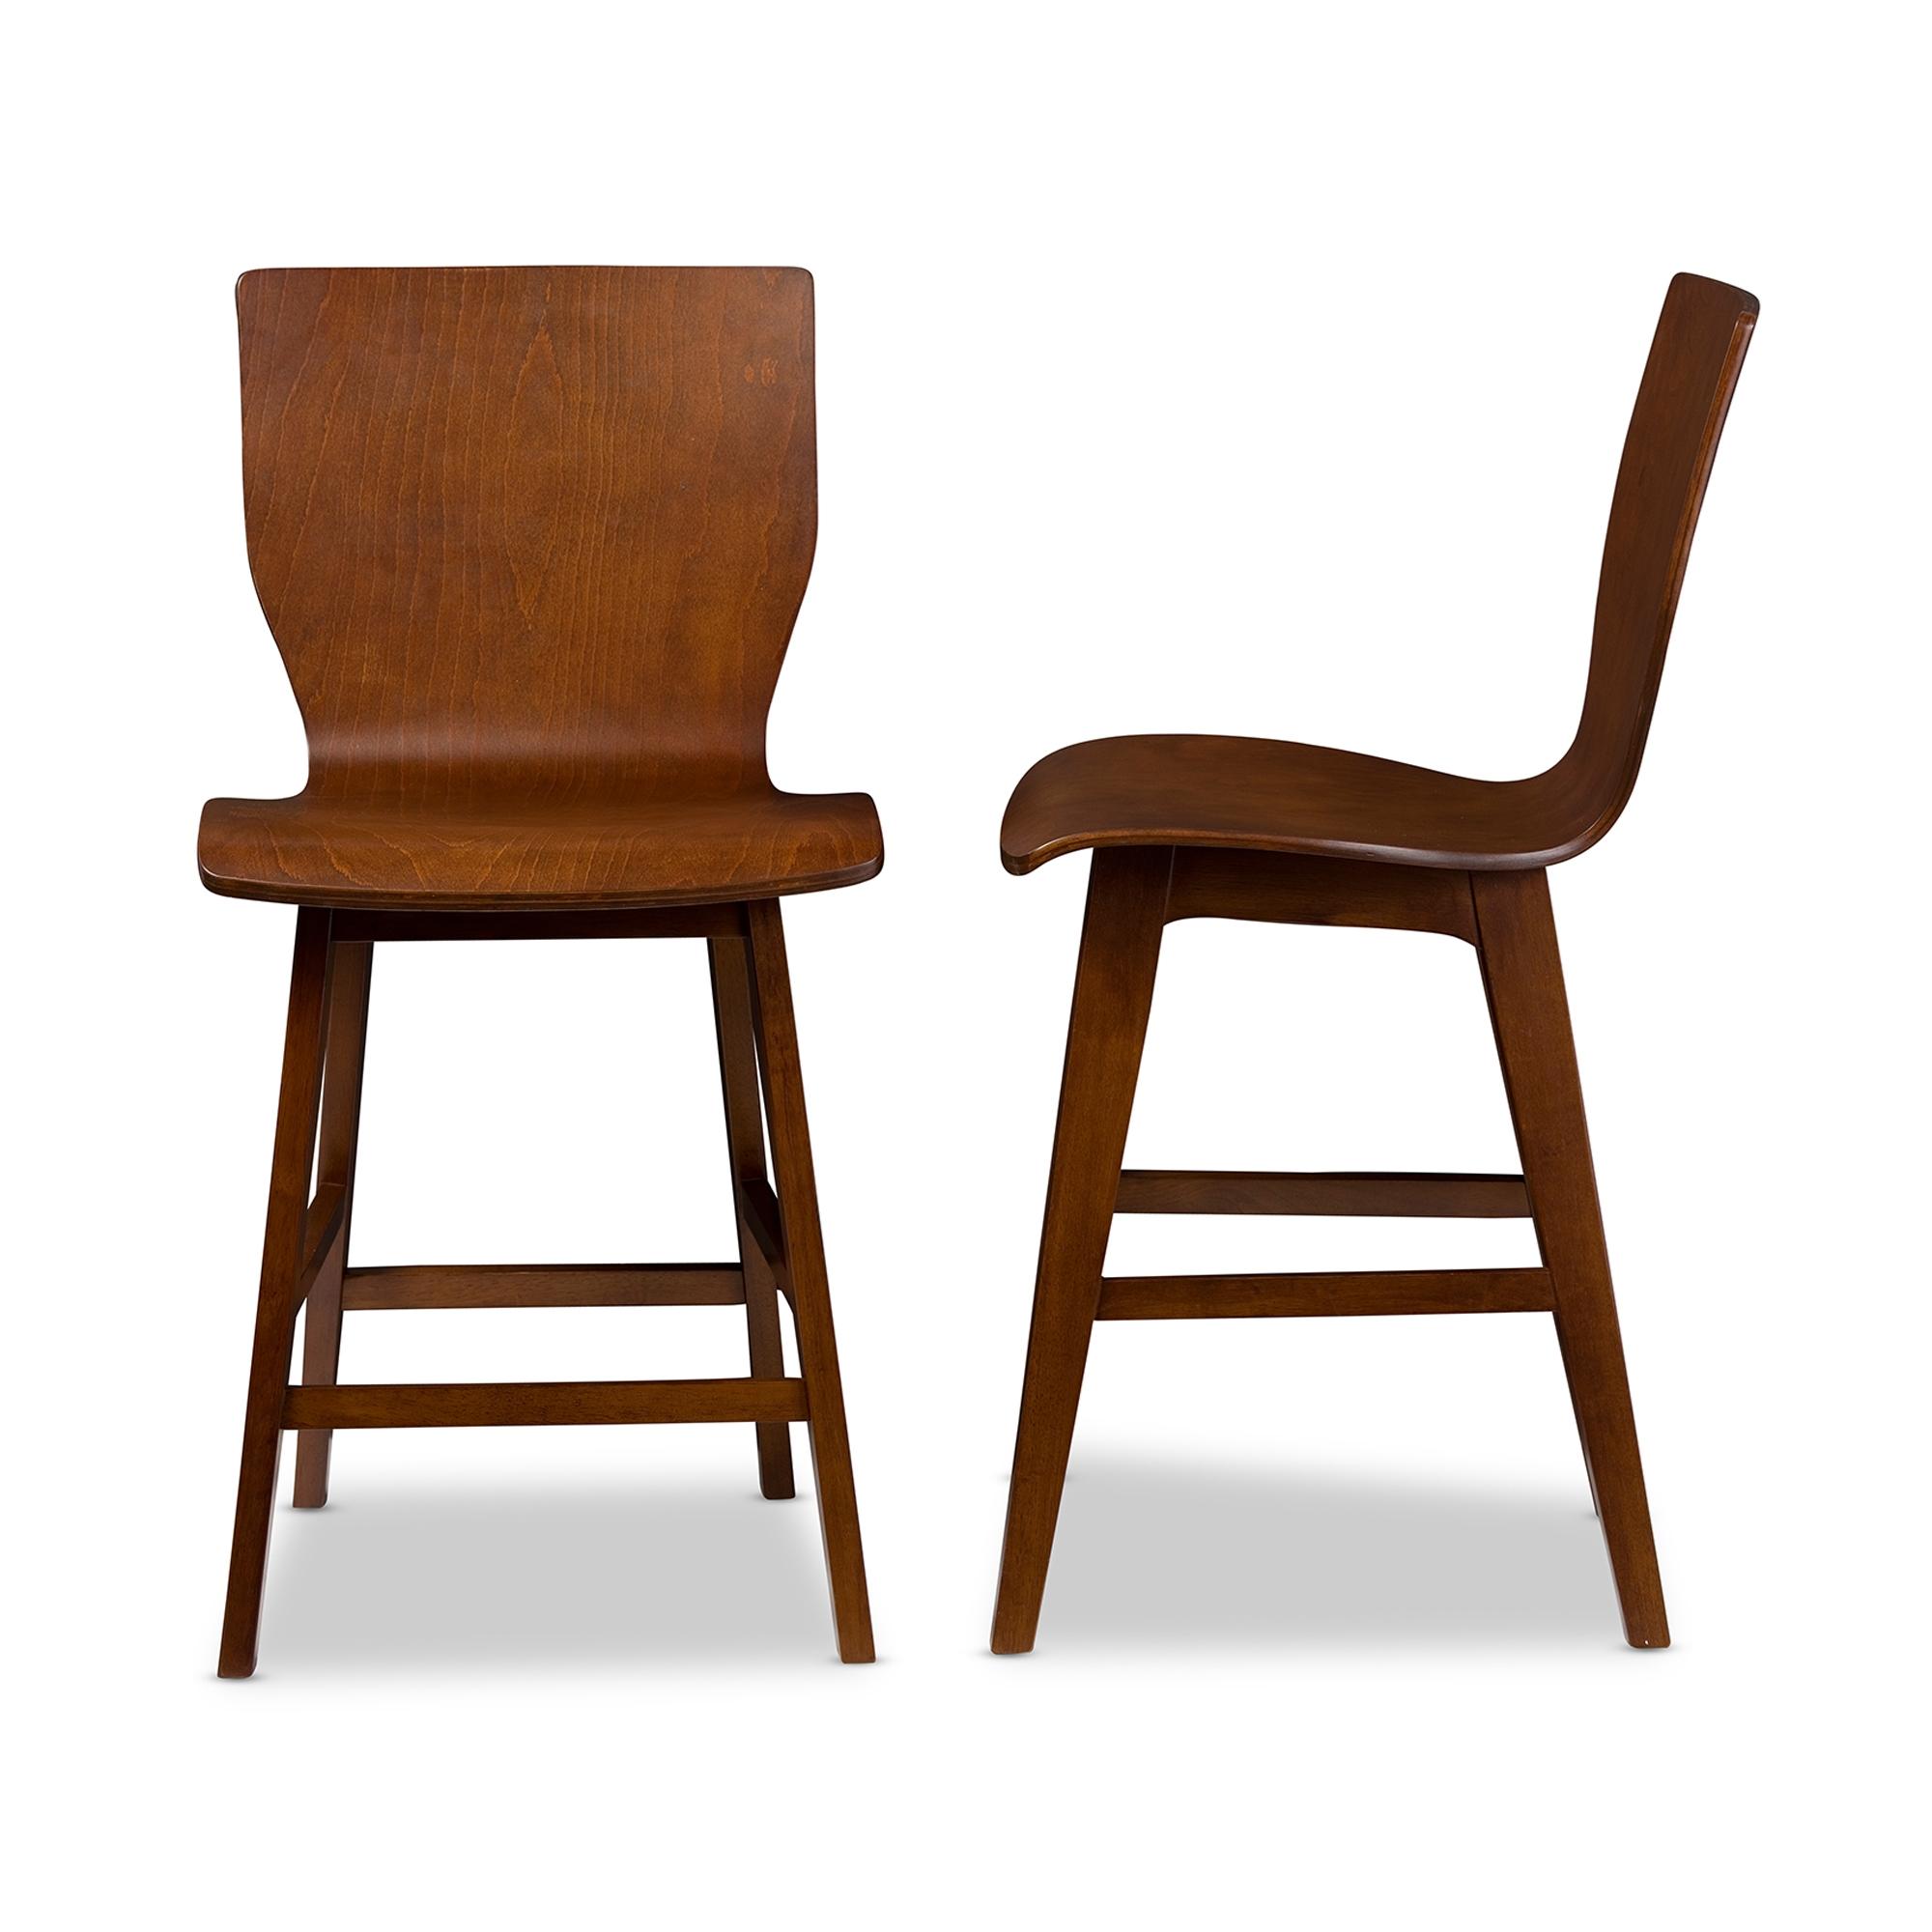 Baxton Studio Elsa Mid Century Modern Scandinavian Style Dark Walnut Bent  Wood Counter Stool